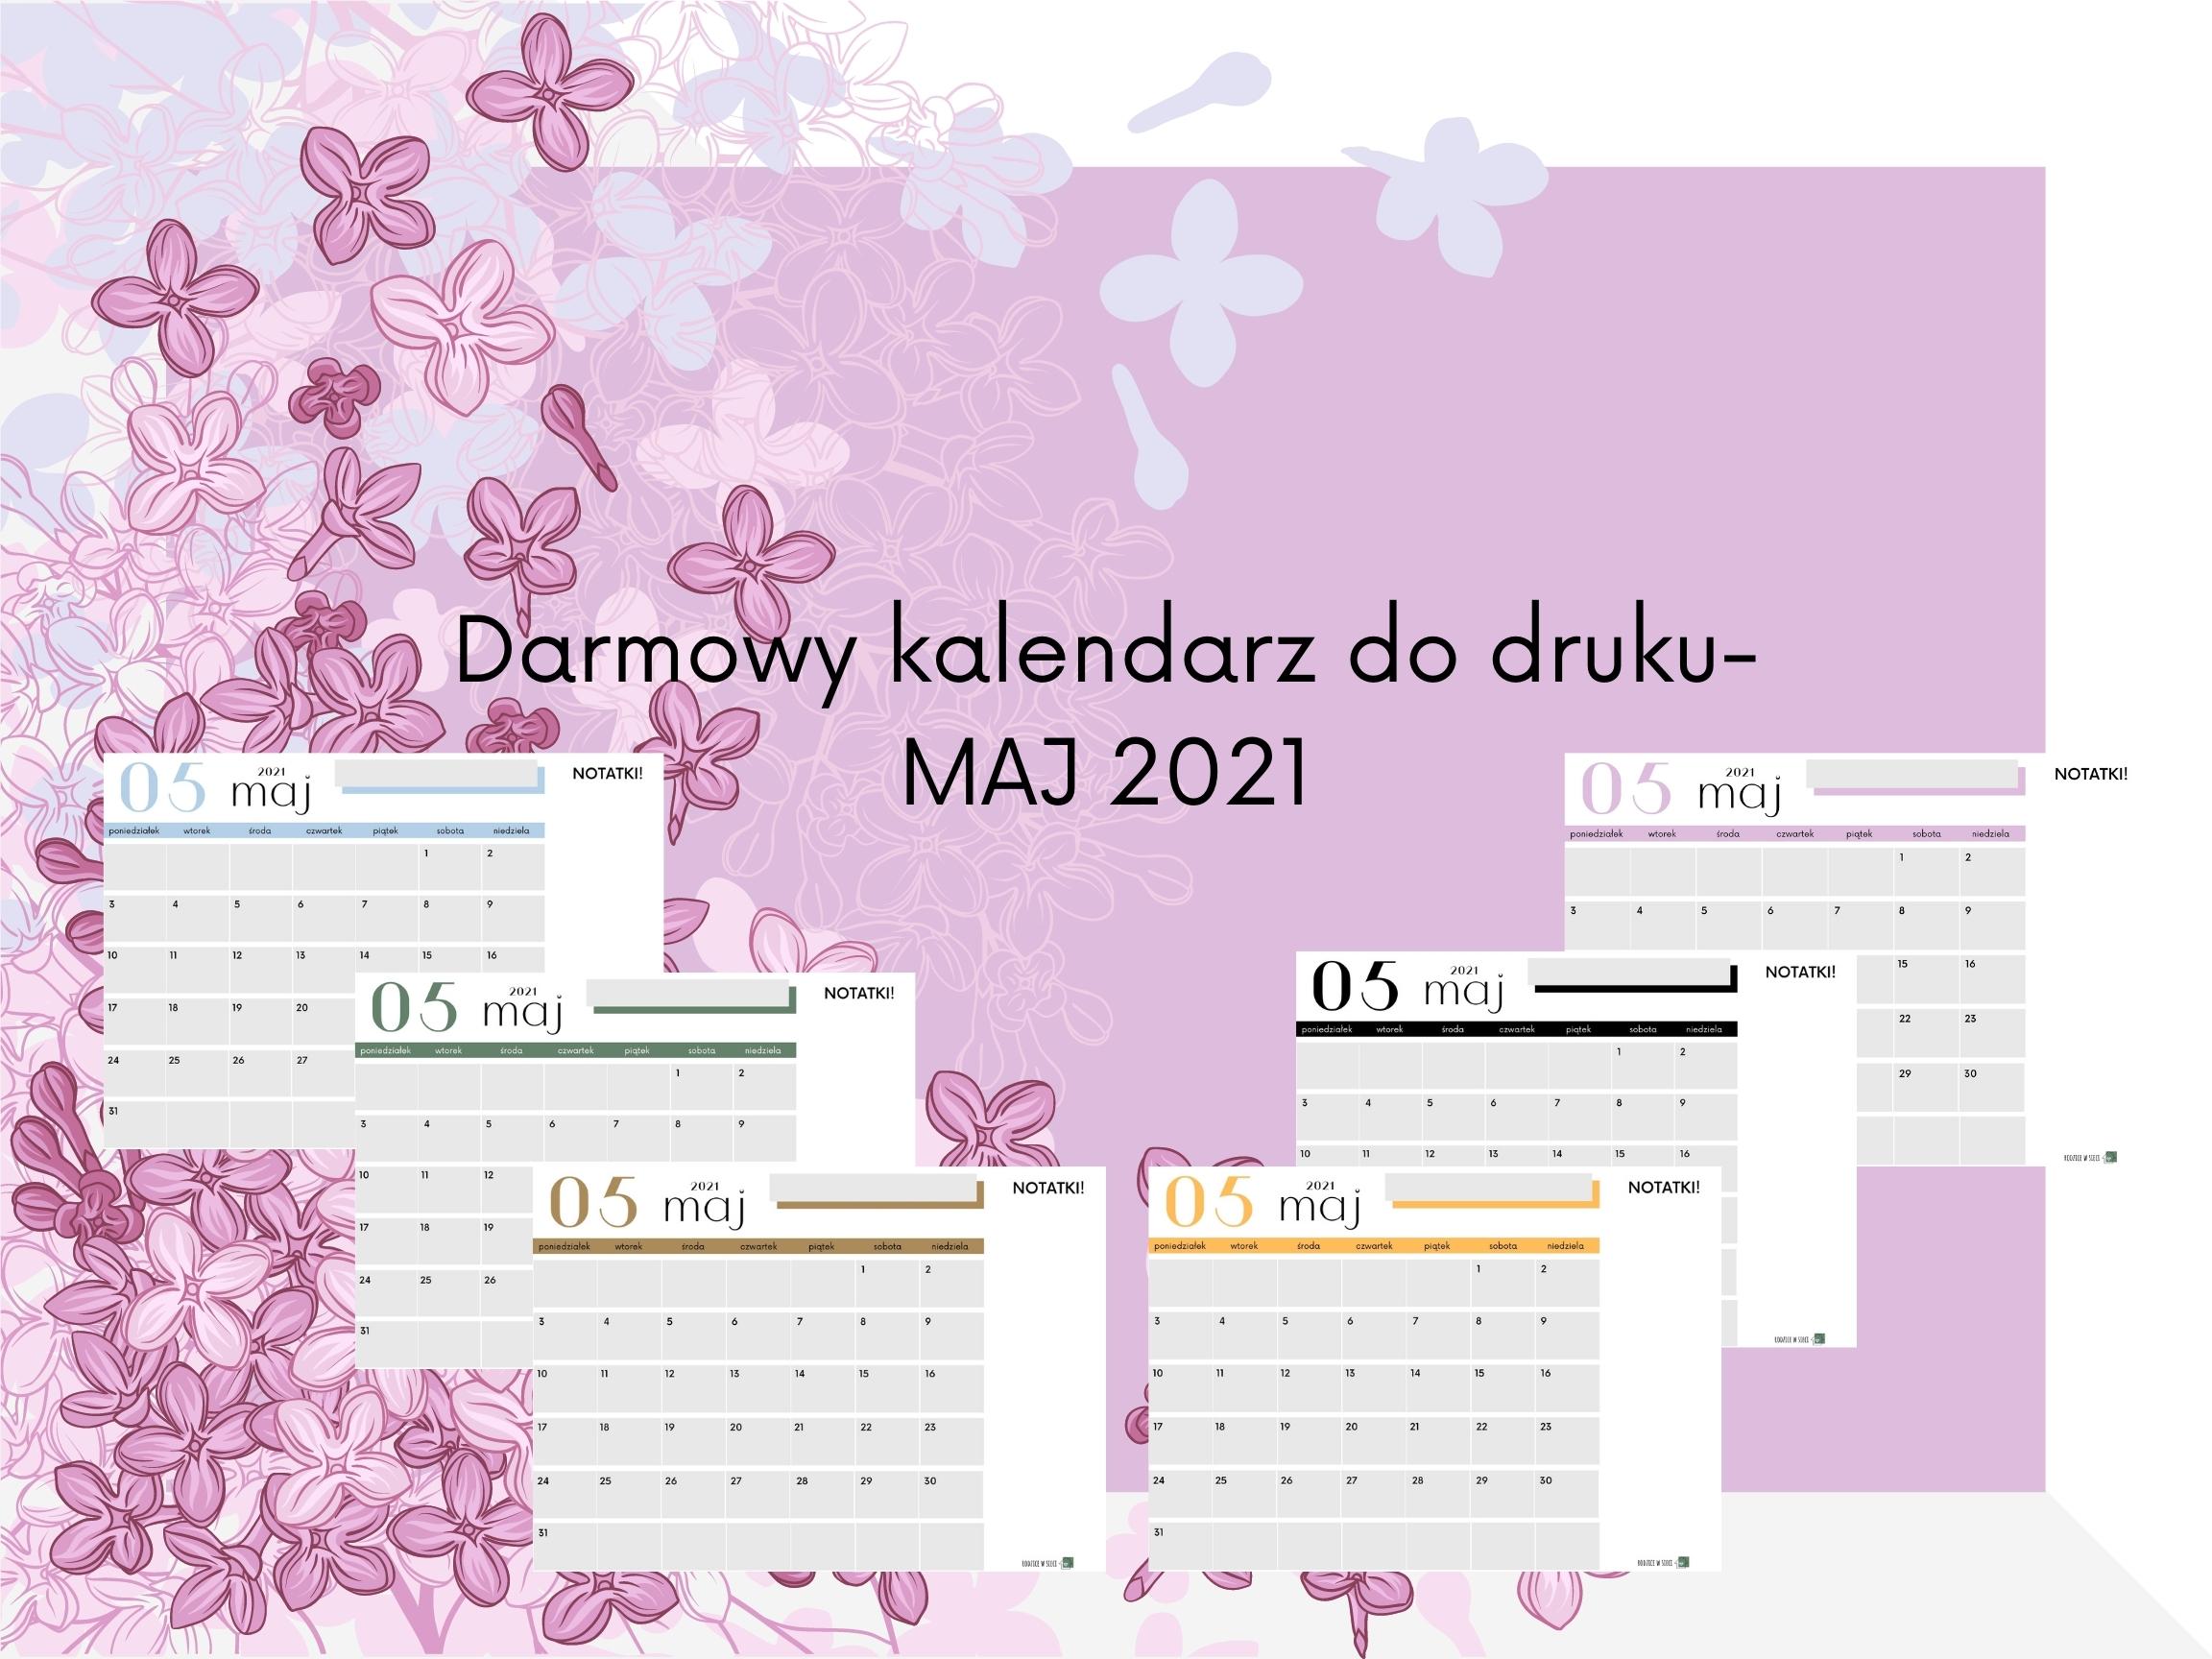 Darmowy kalendarz na MAJ 2021 do druku- pobierz, drukuj, planuj!